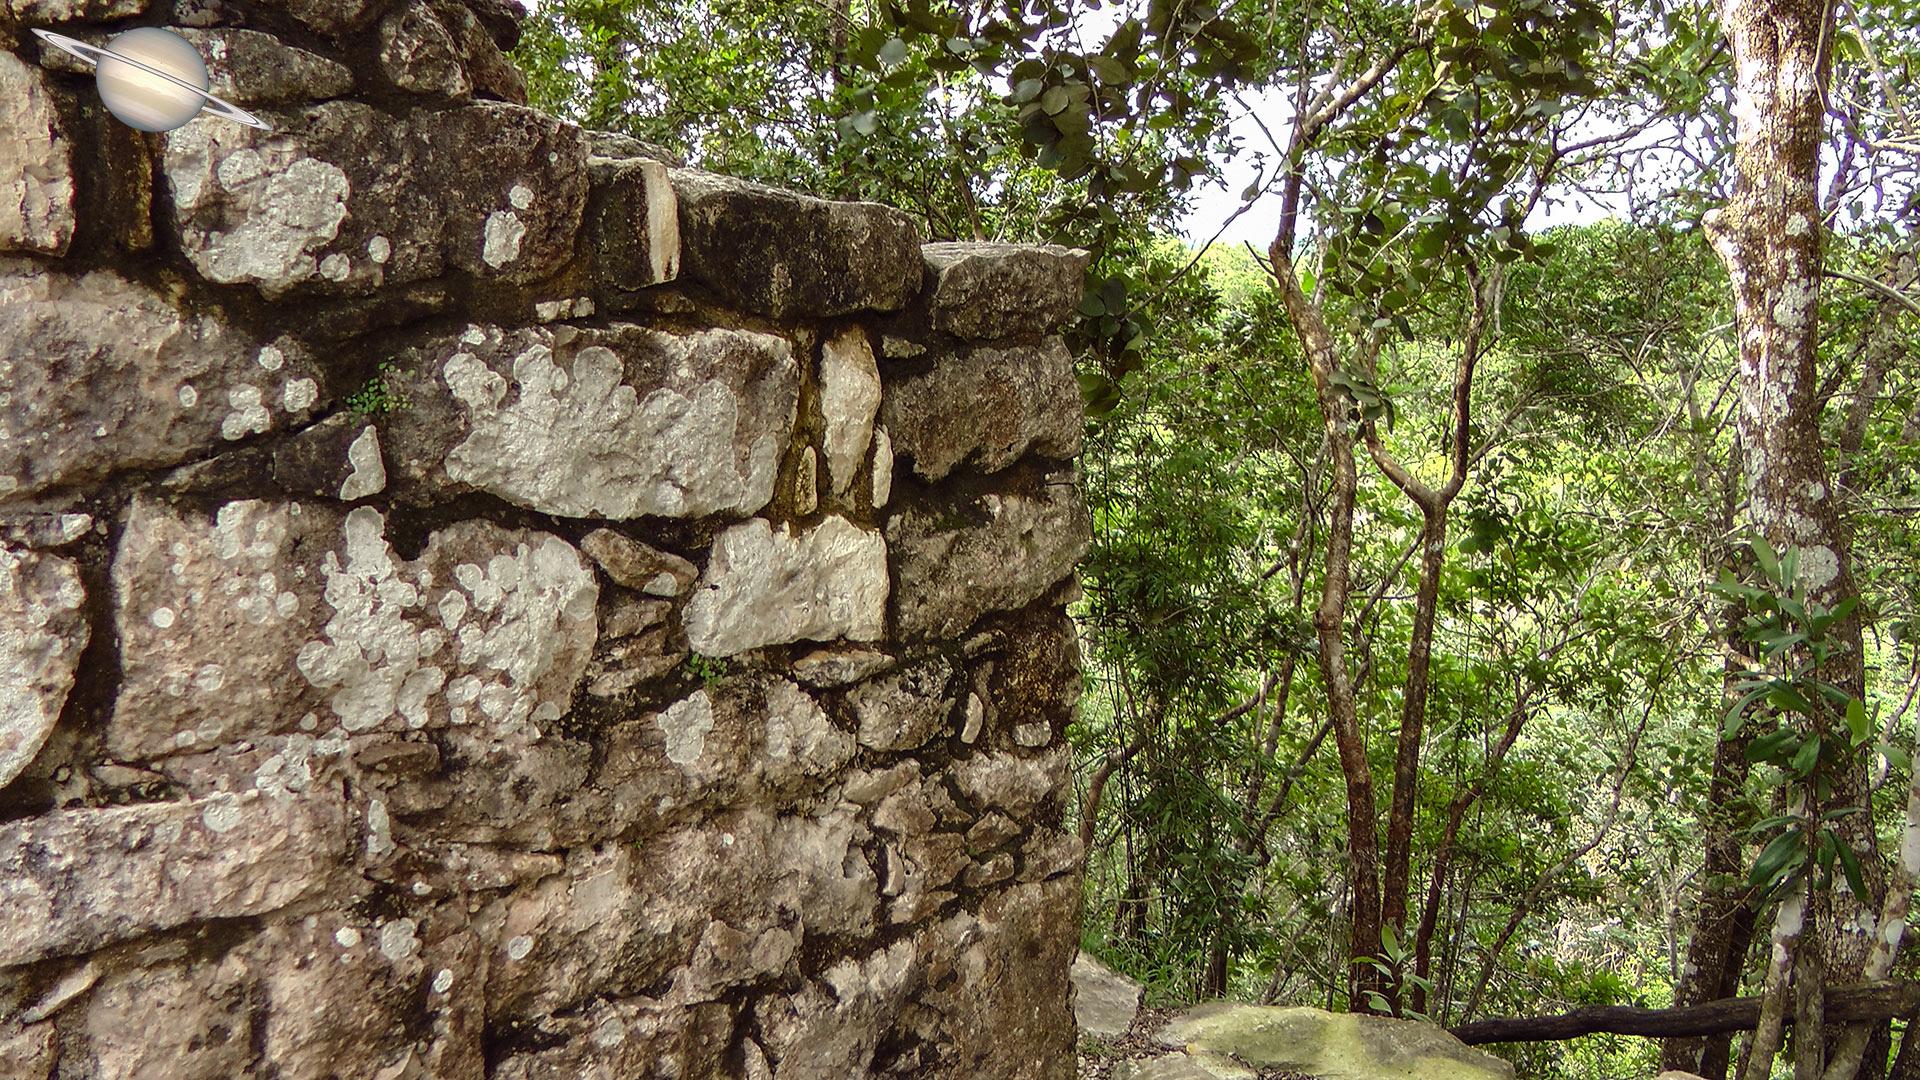 coba yucatan mexico 22 - Suba uma Pirâmide em Coba, Antiga Cidade Maia, México